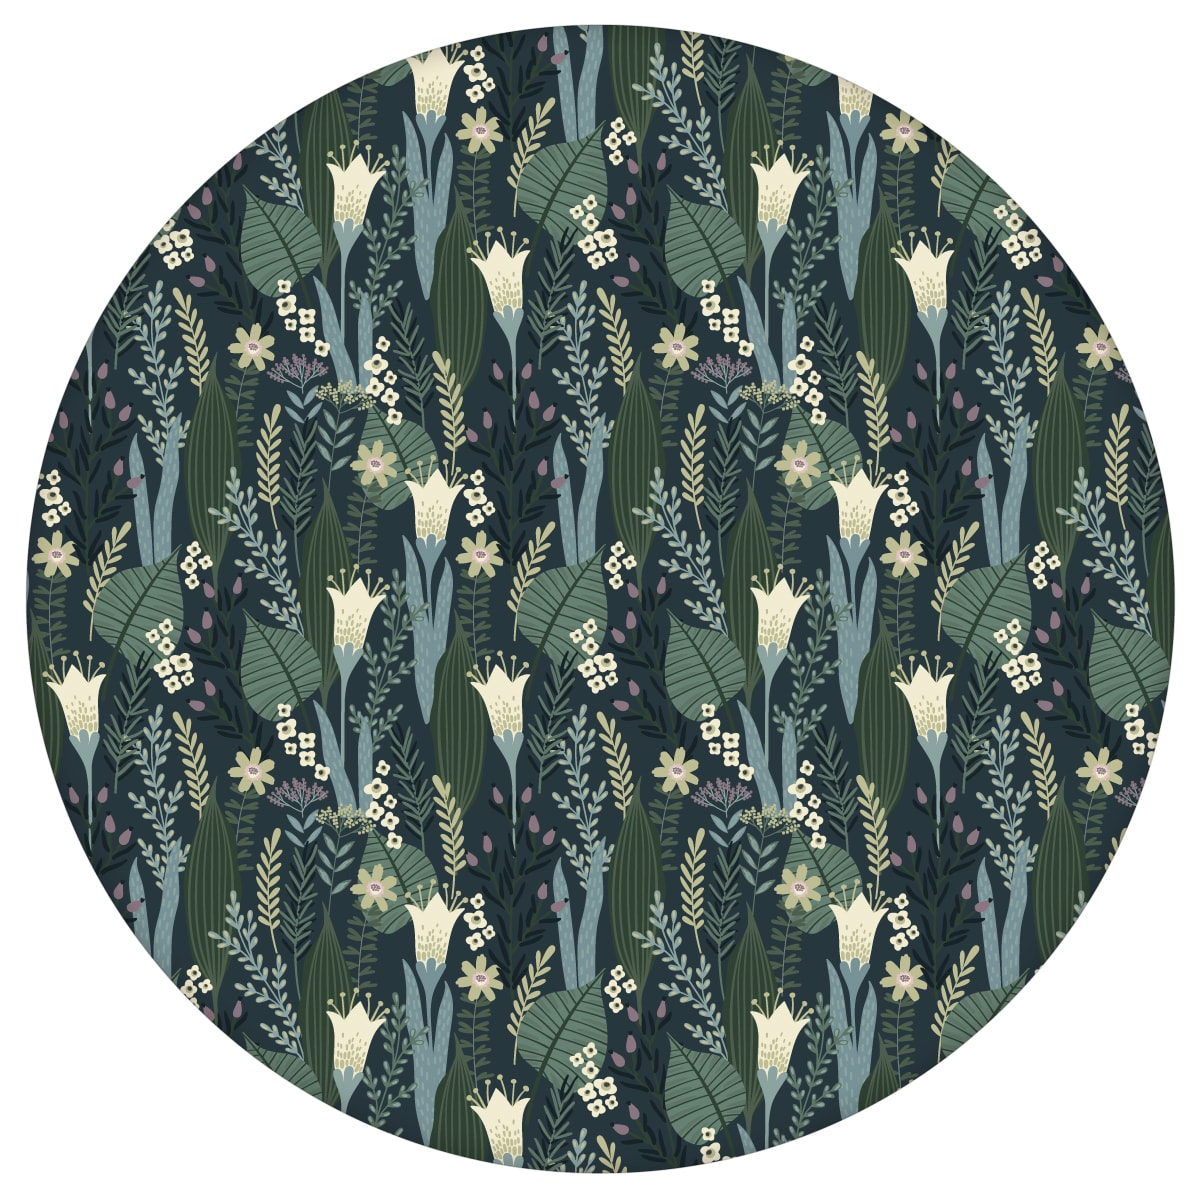 Blumentapete Wellness für die Augen in blau grün - Design Tapete für Wohnzimmer